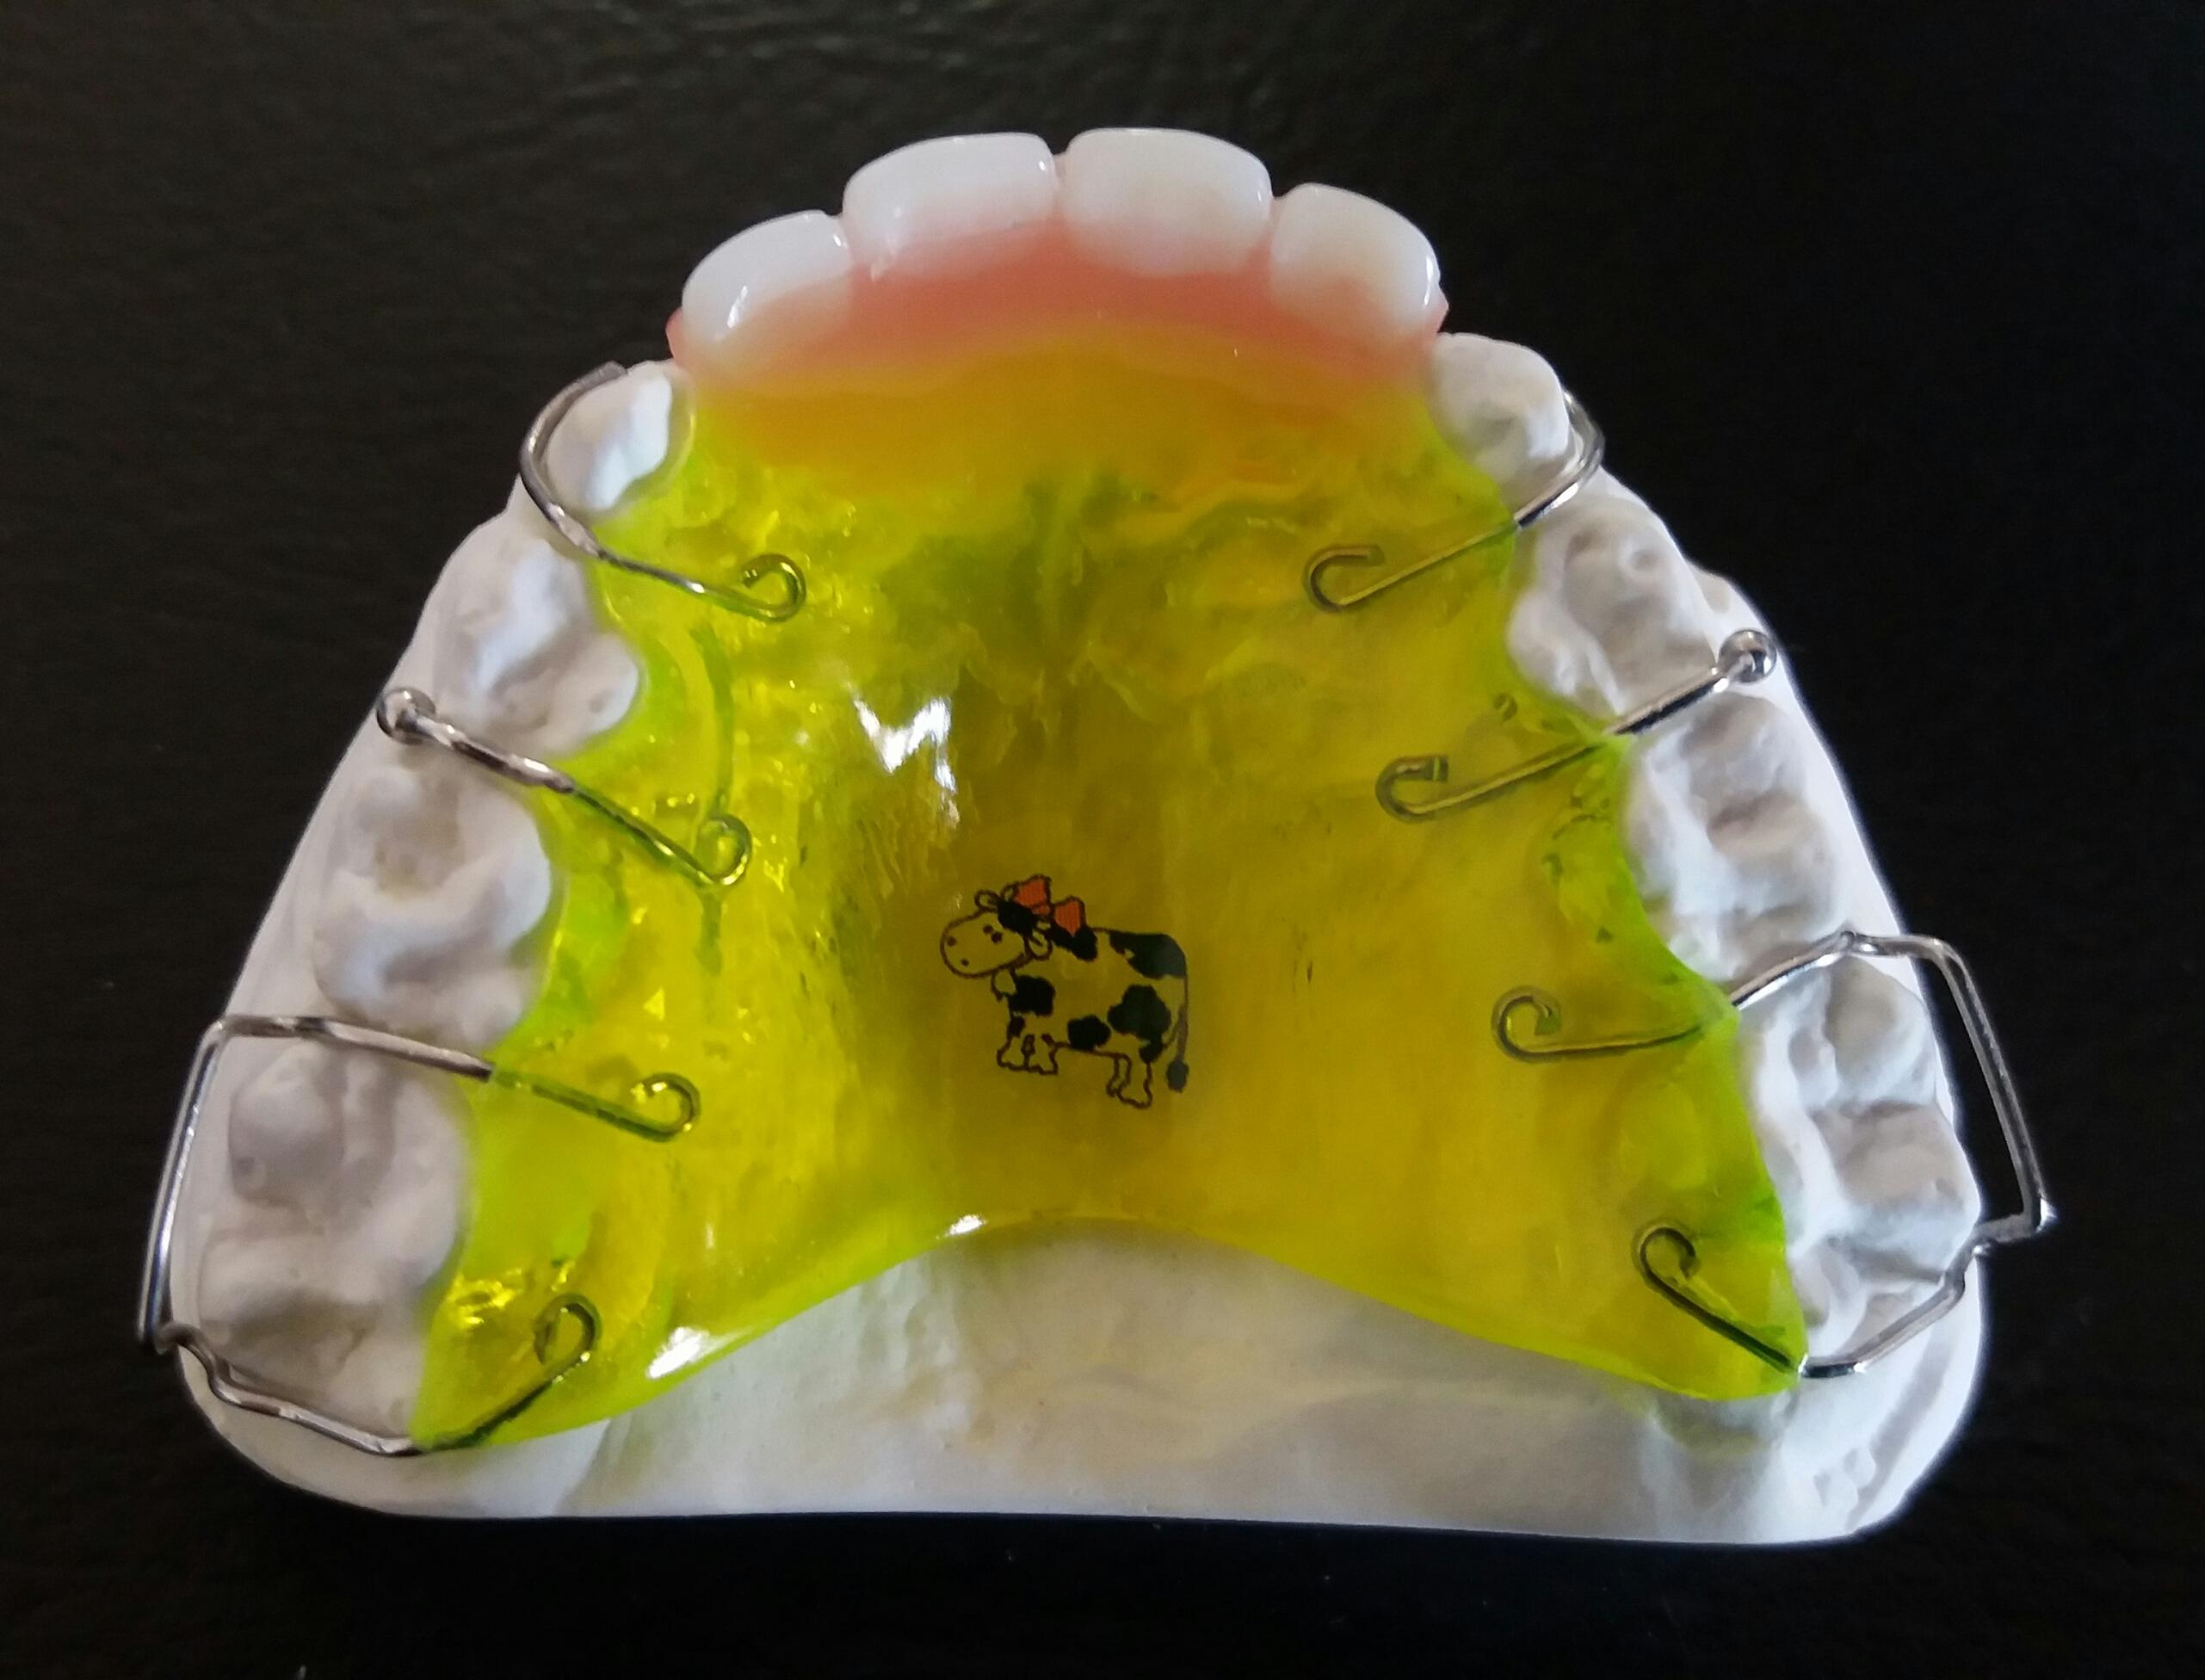 Lückenhalter mit Kunststoff-Zähnen